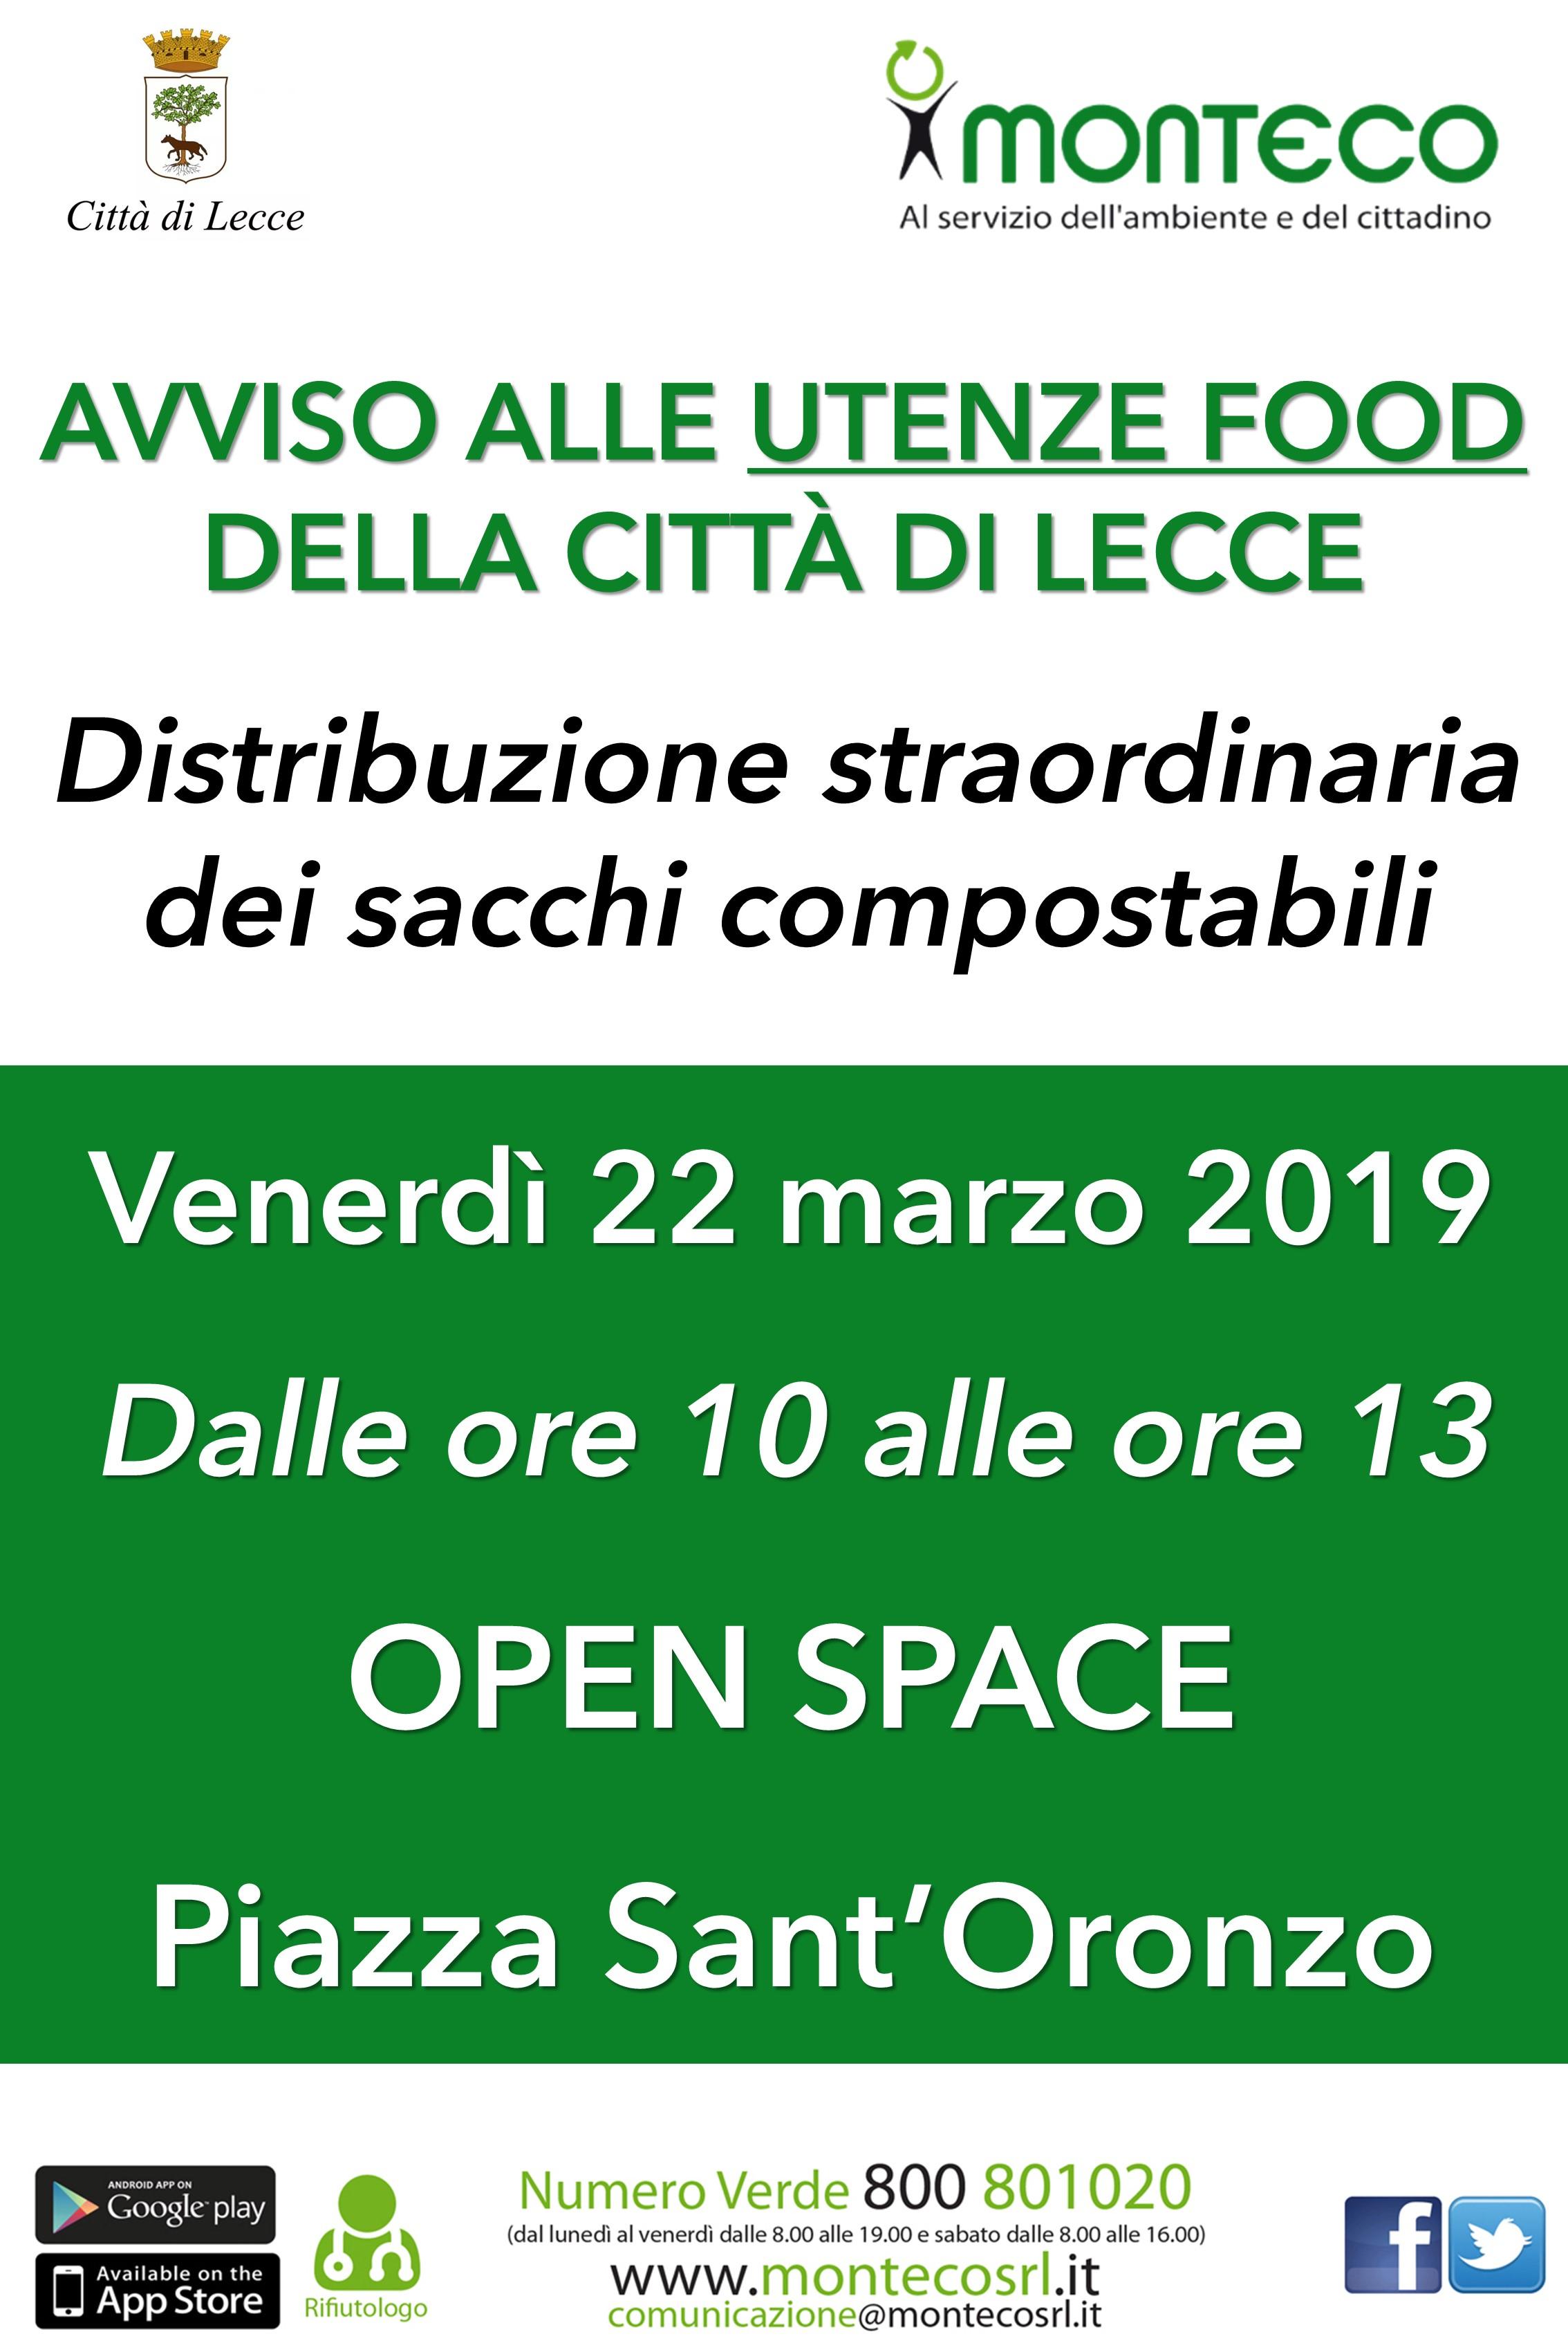 Lecce - Distribuzione straordinaria sacchi compostabili per le utenze food